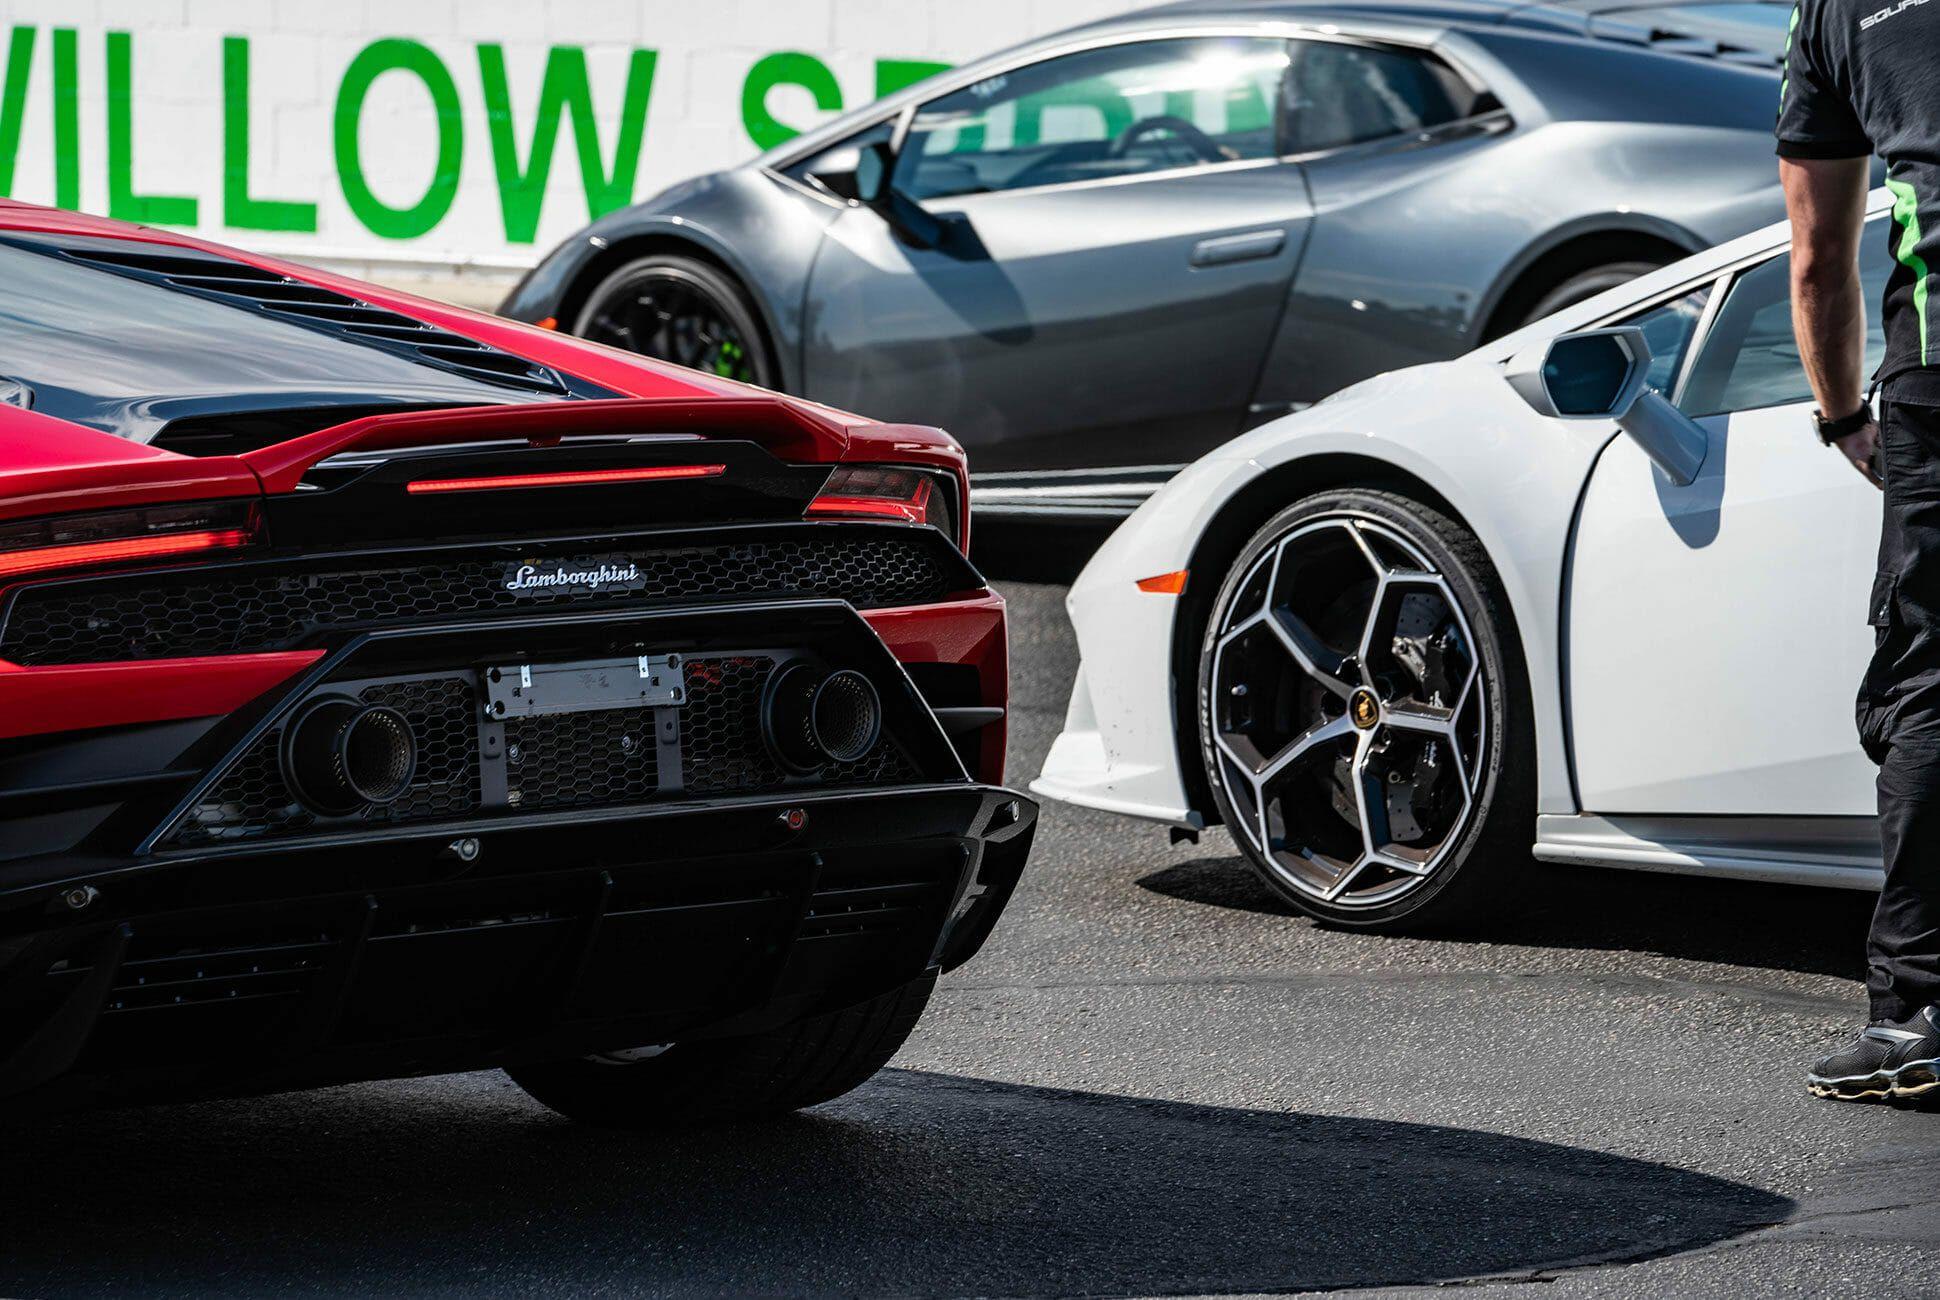 2020-Lamborghini-Huracan-EVO-Review-gear-patrol-slide-6